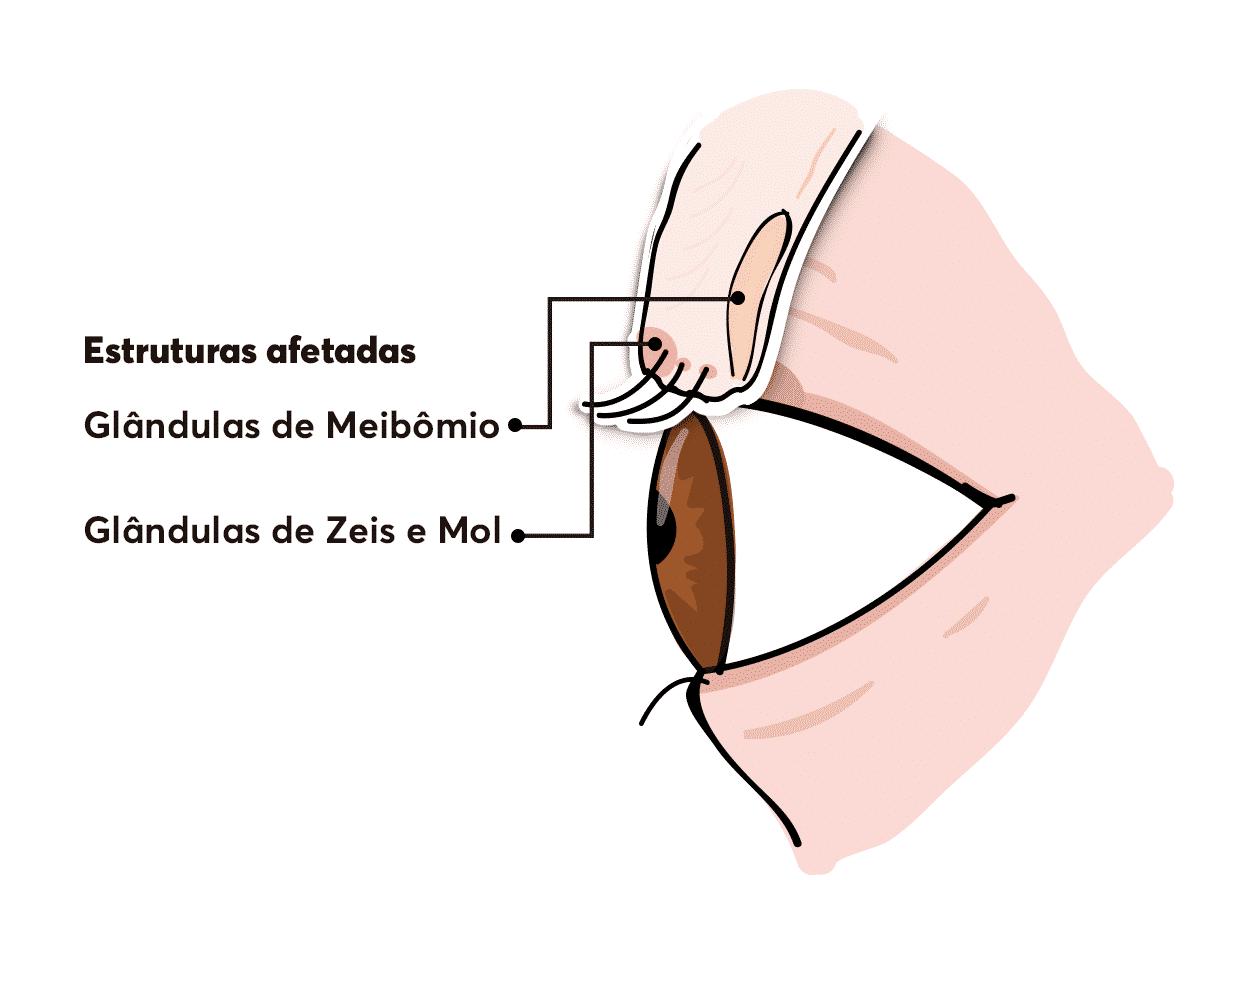 Diferença entre terçol e calázio se dá pelas glândulas afetadas.